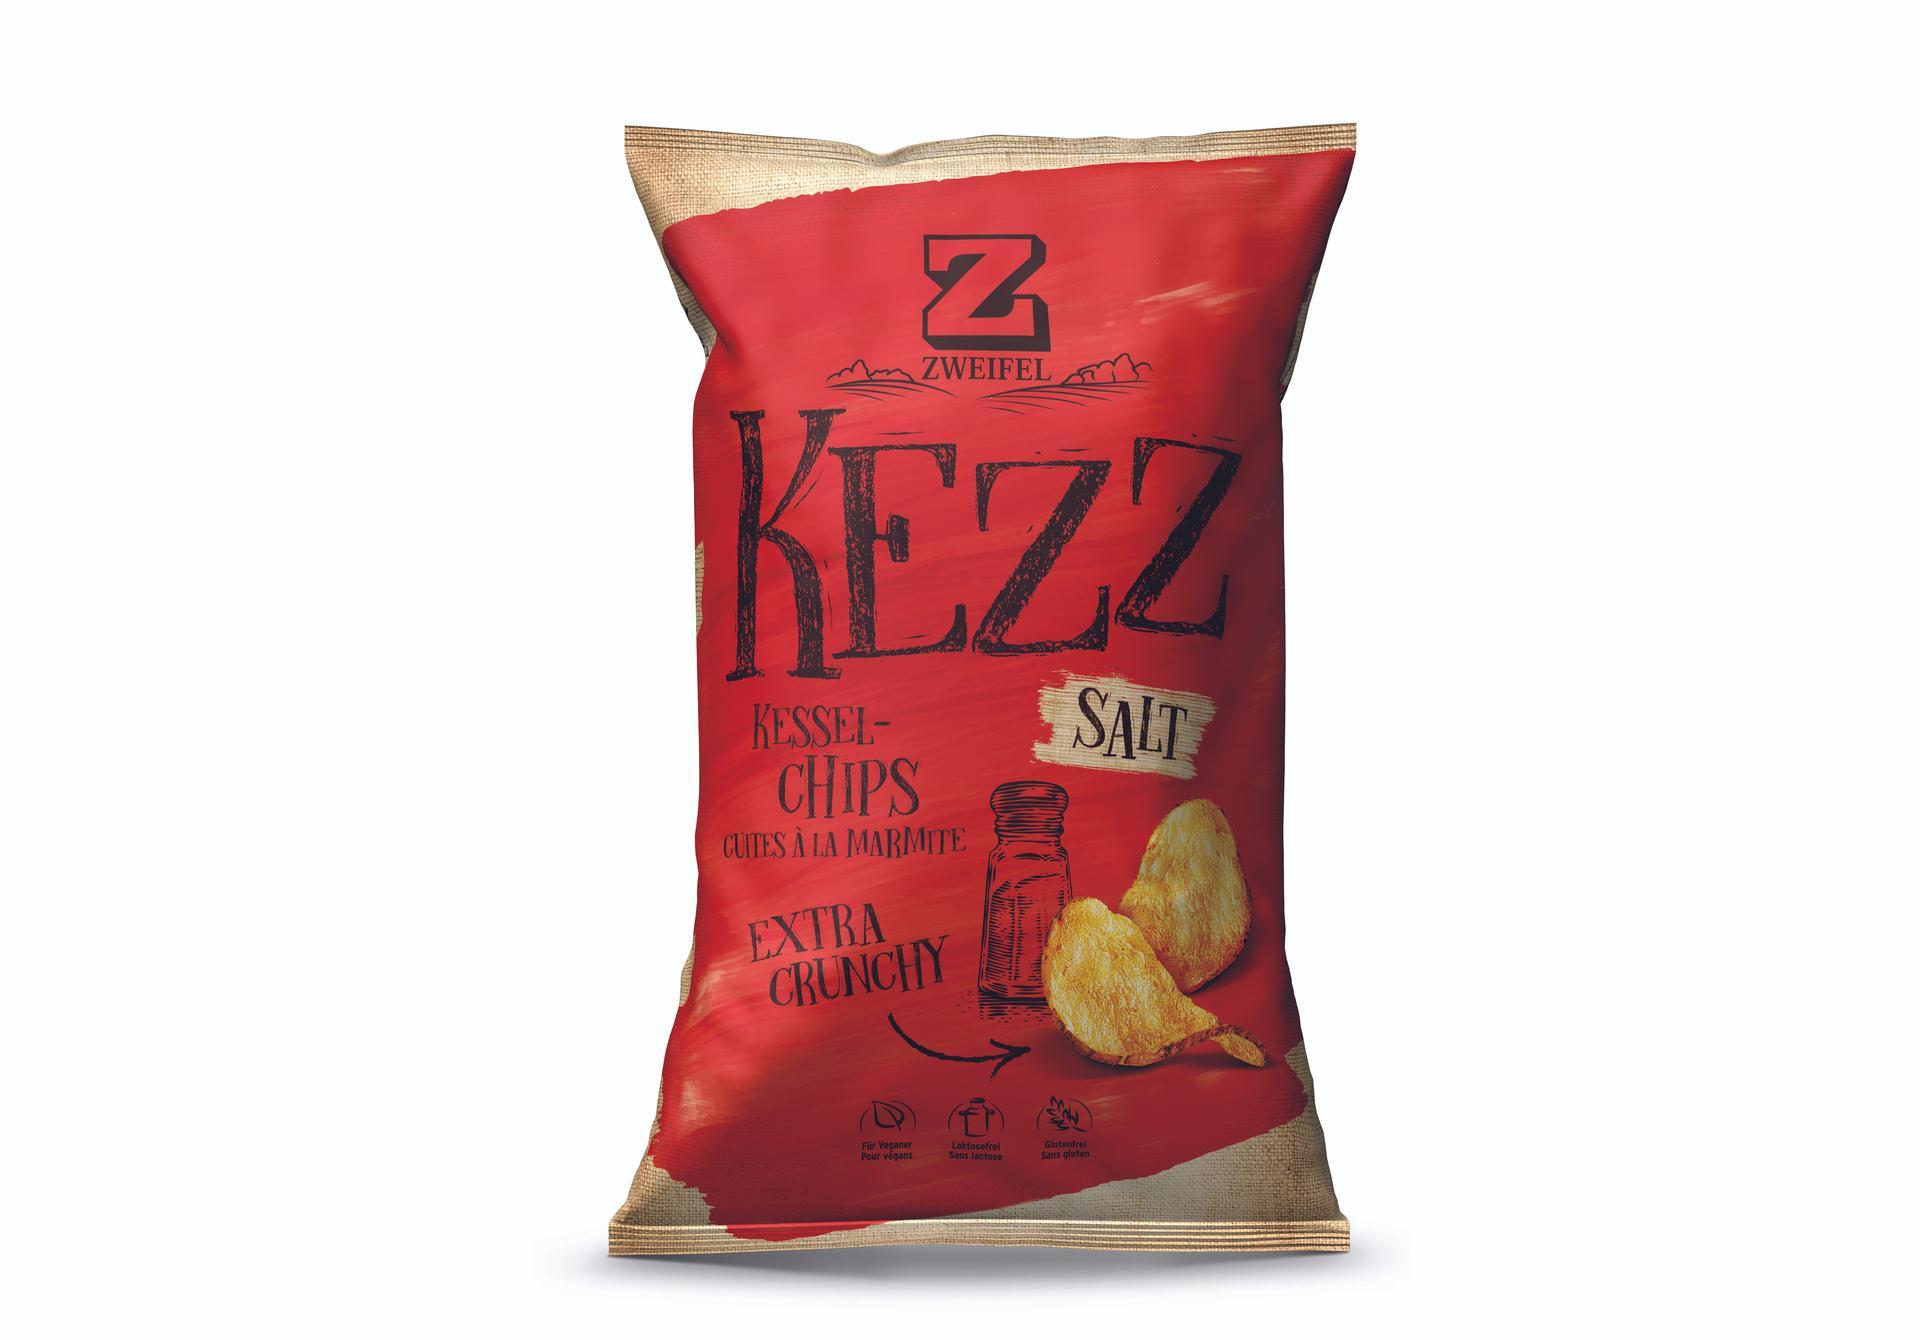 Zweifel KEZZ Extra Crunchy Chips Salt